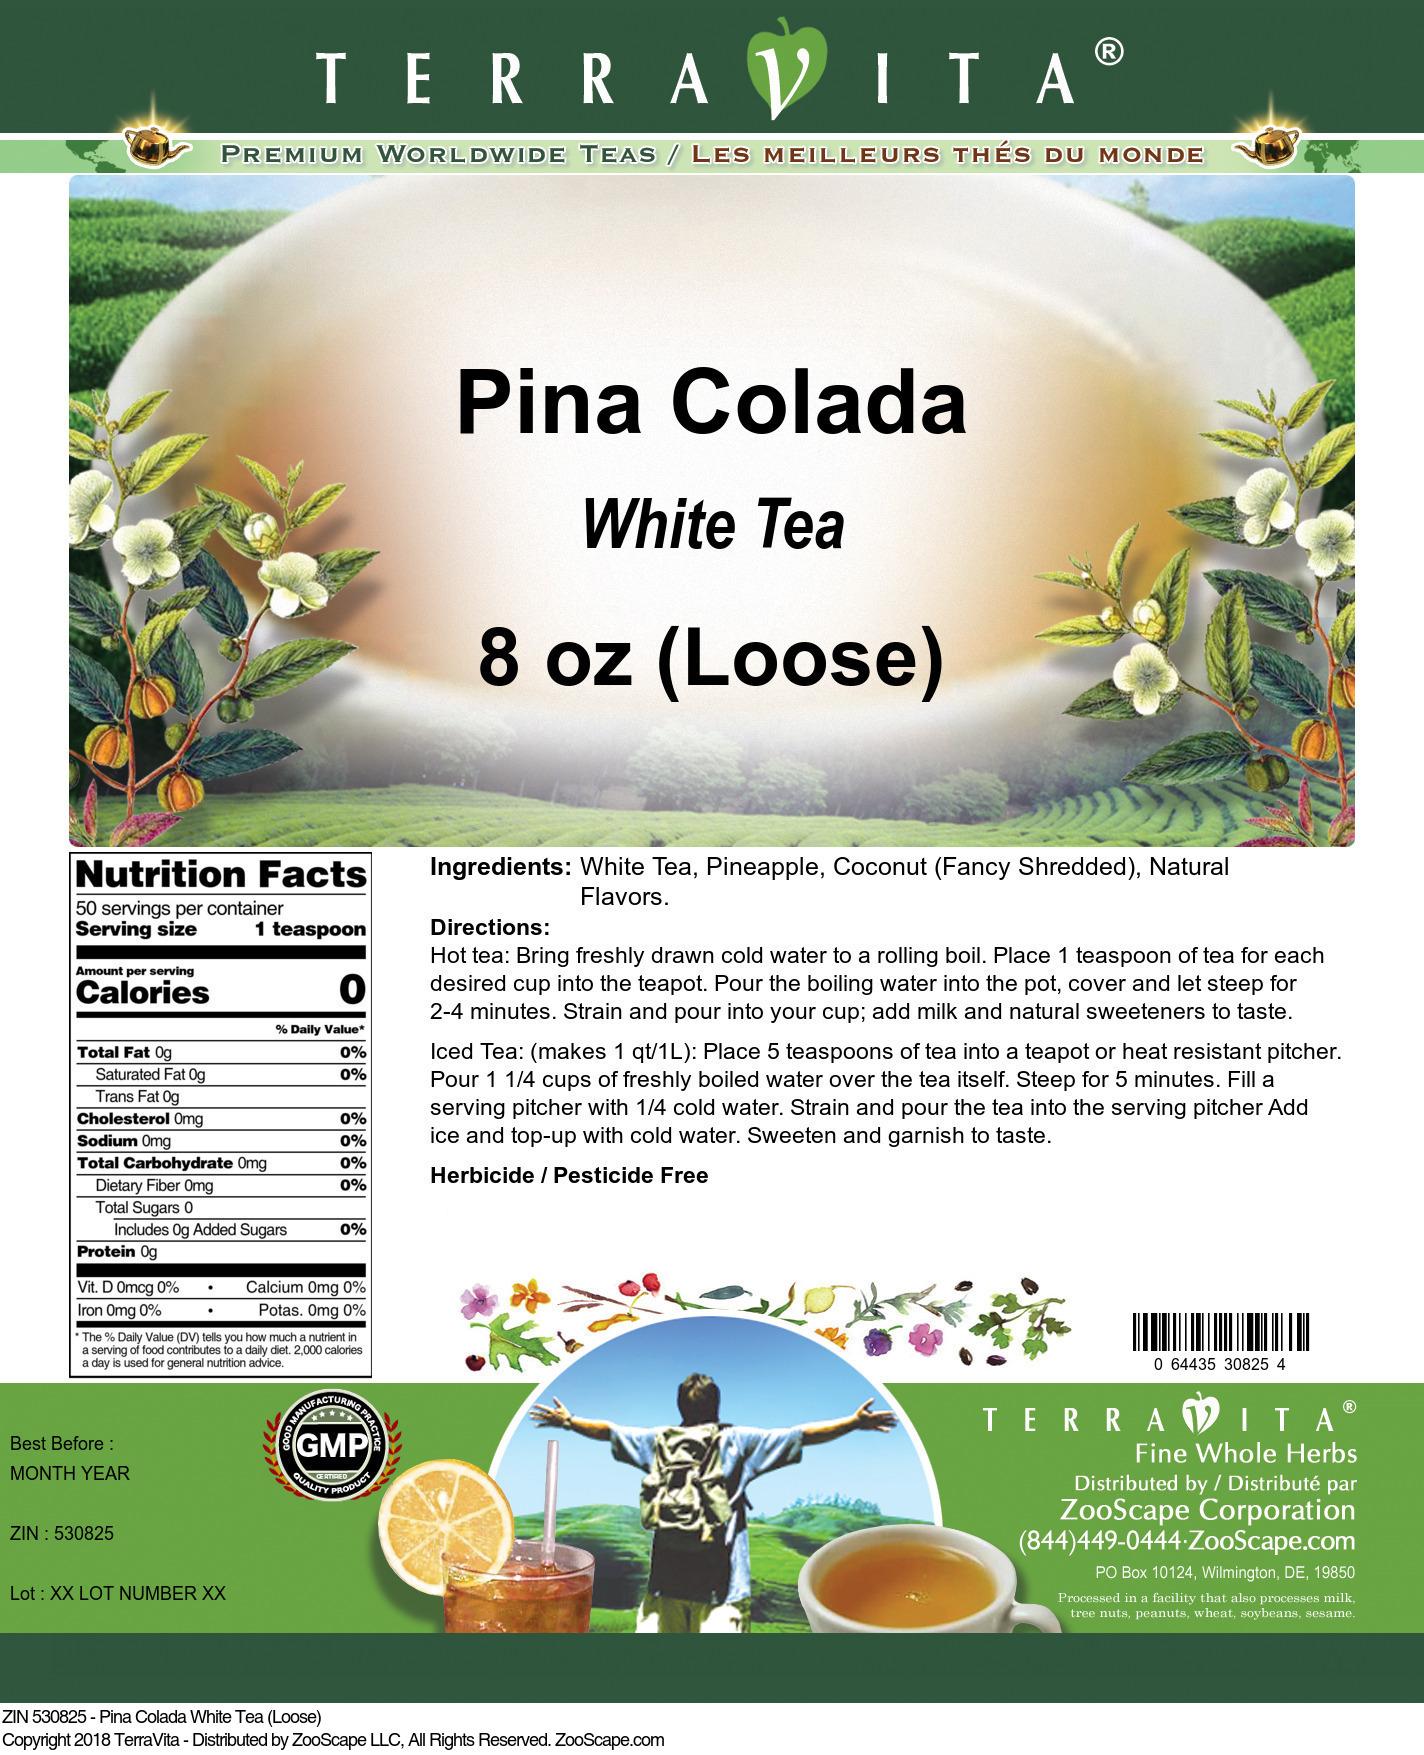 Pina Colada White Tea (Loose)